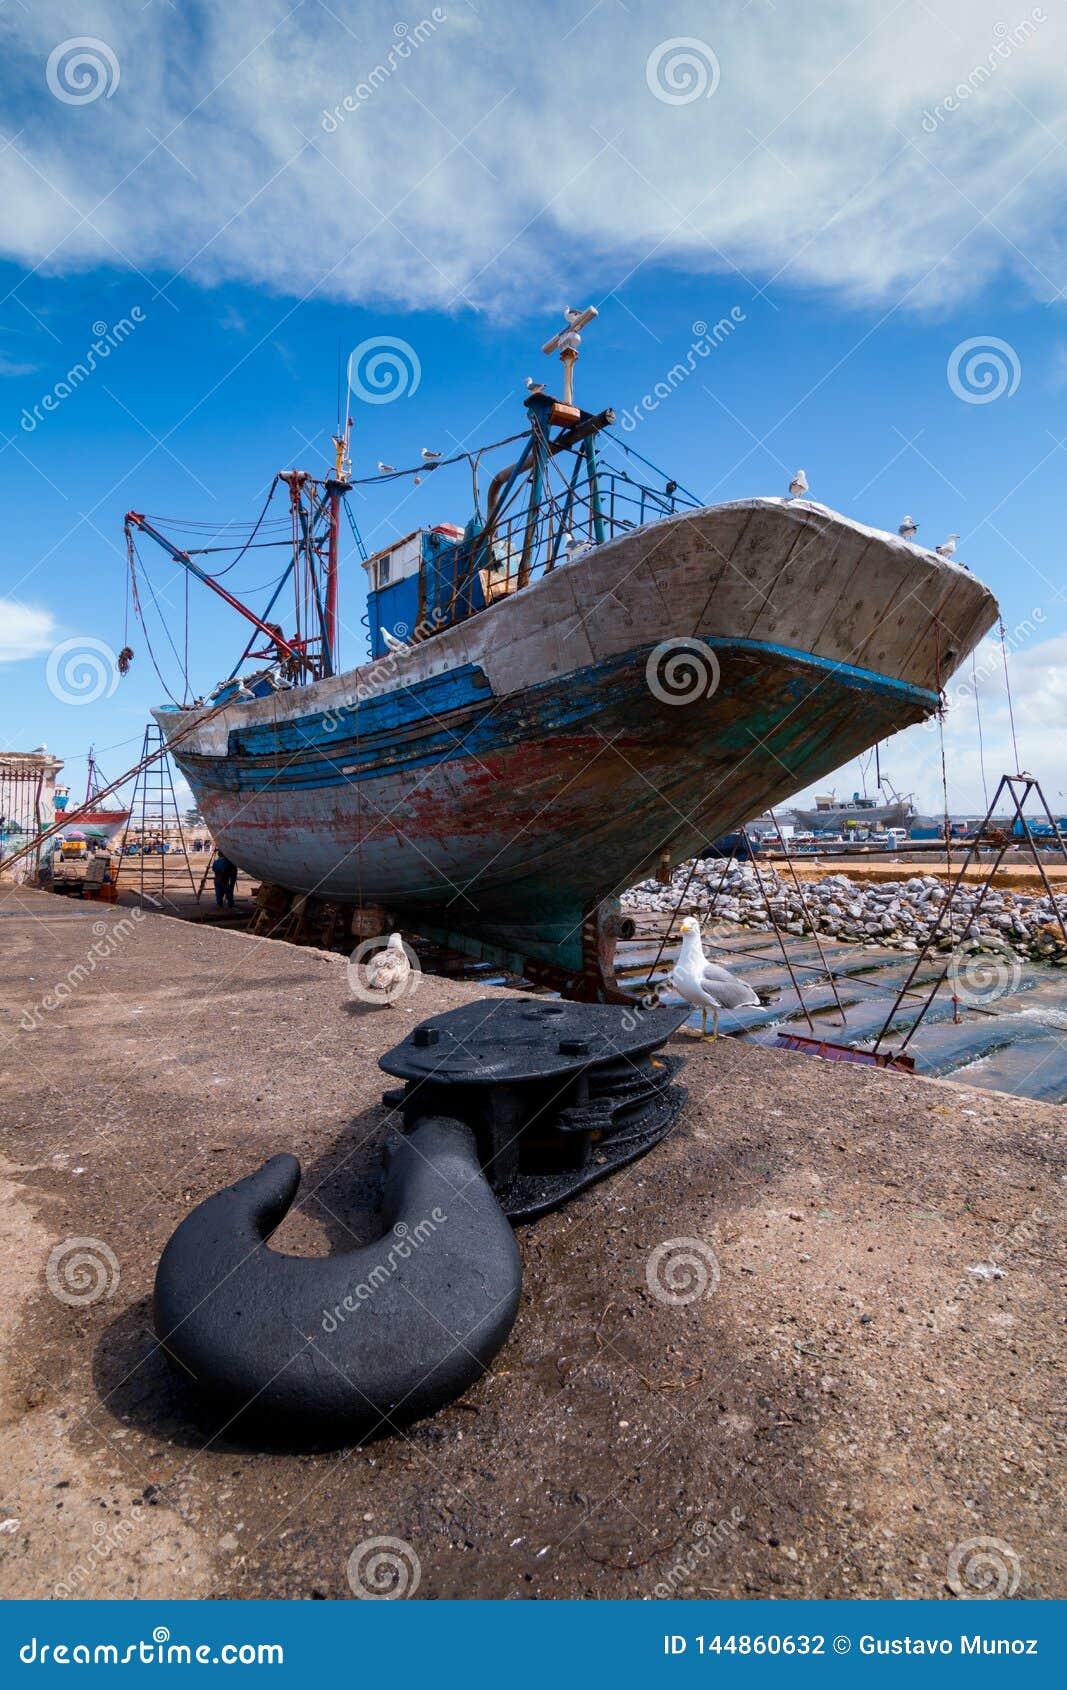 Ein Fischerboot angekoppelt an den Dockwartung eine volle Reparatur mit einem Bootshaken im Vordergrund